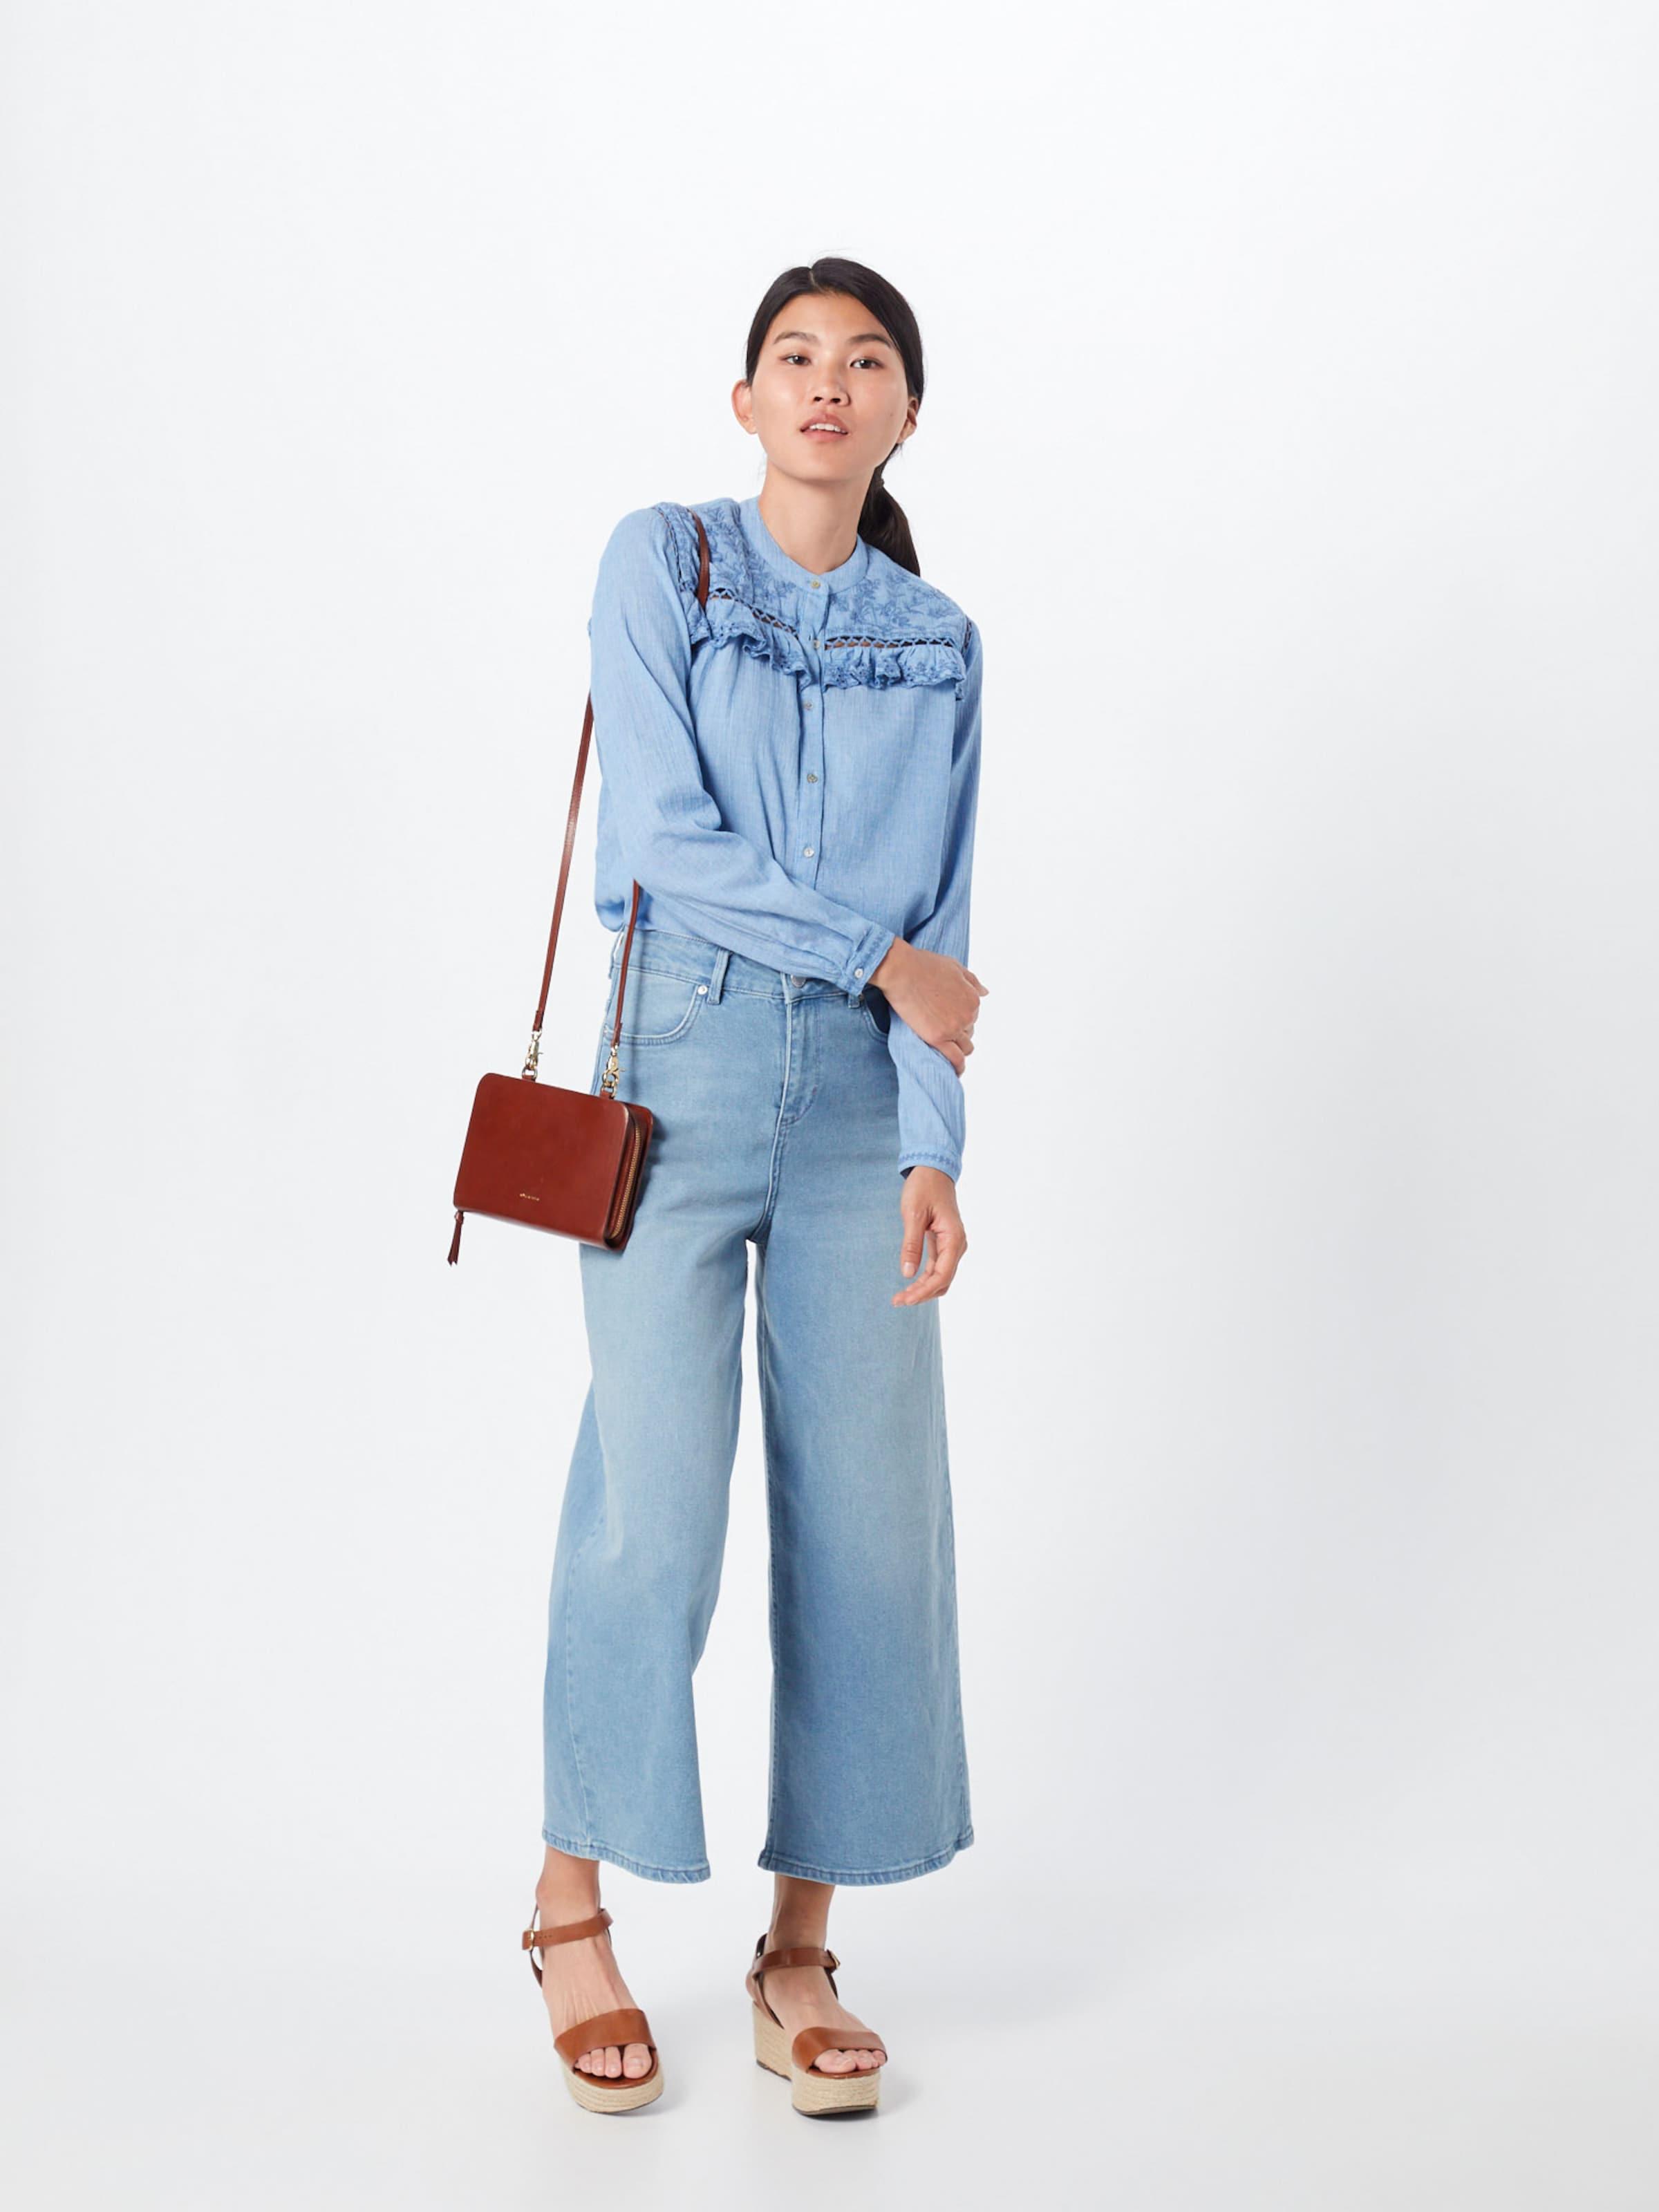 En 'holly' Jeans Chemisier Bleu Pepe 4R5L3jA